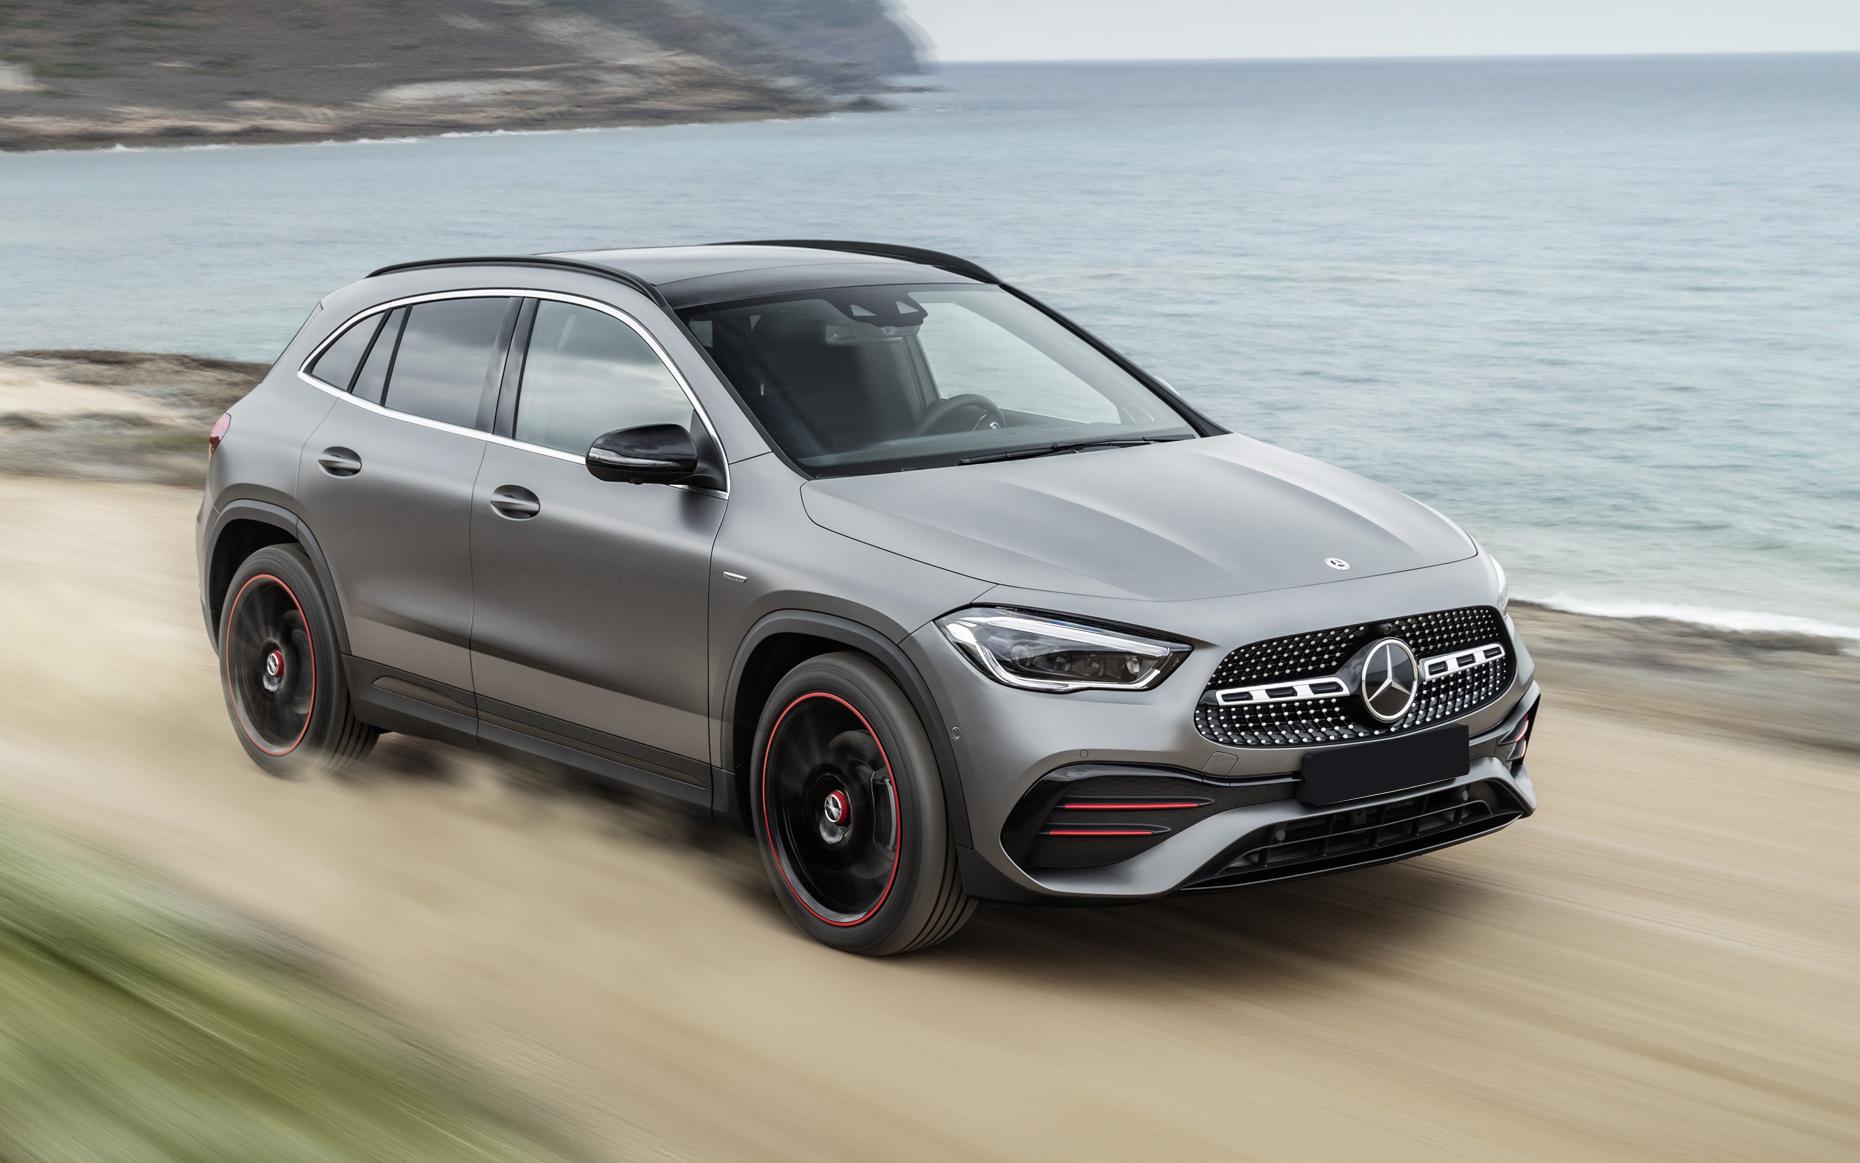 2022 Mercedes Benz Gla 250 Release Date Base 4matic